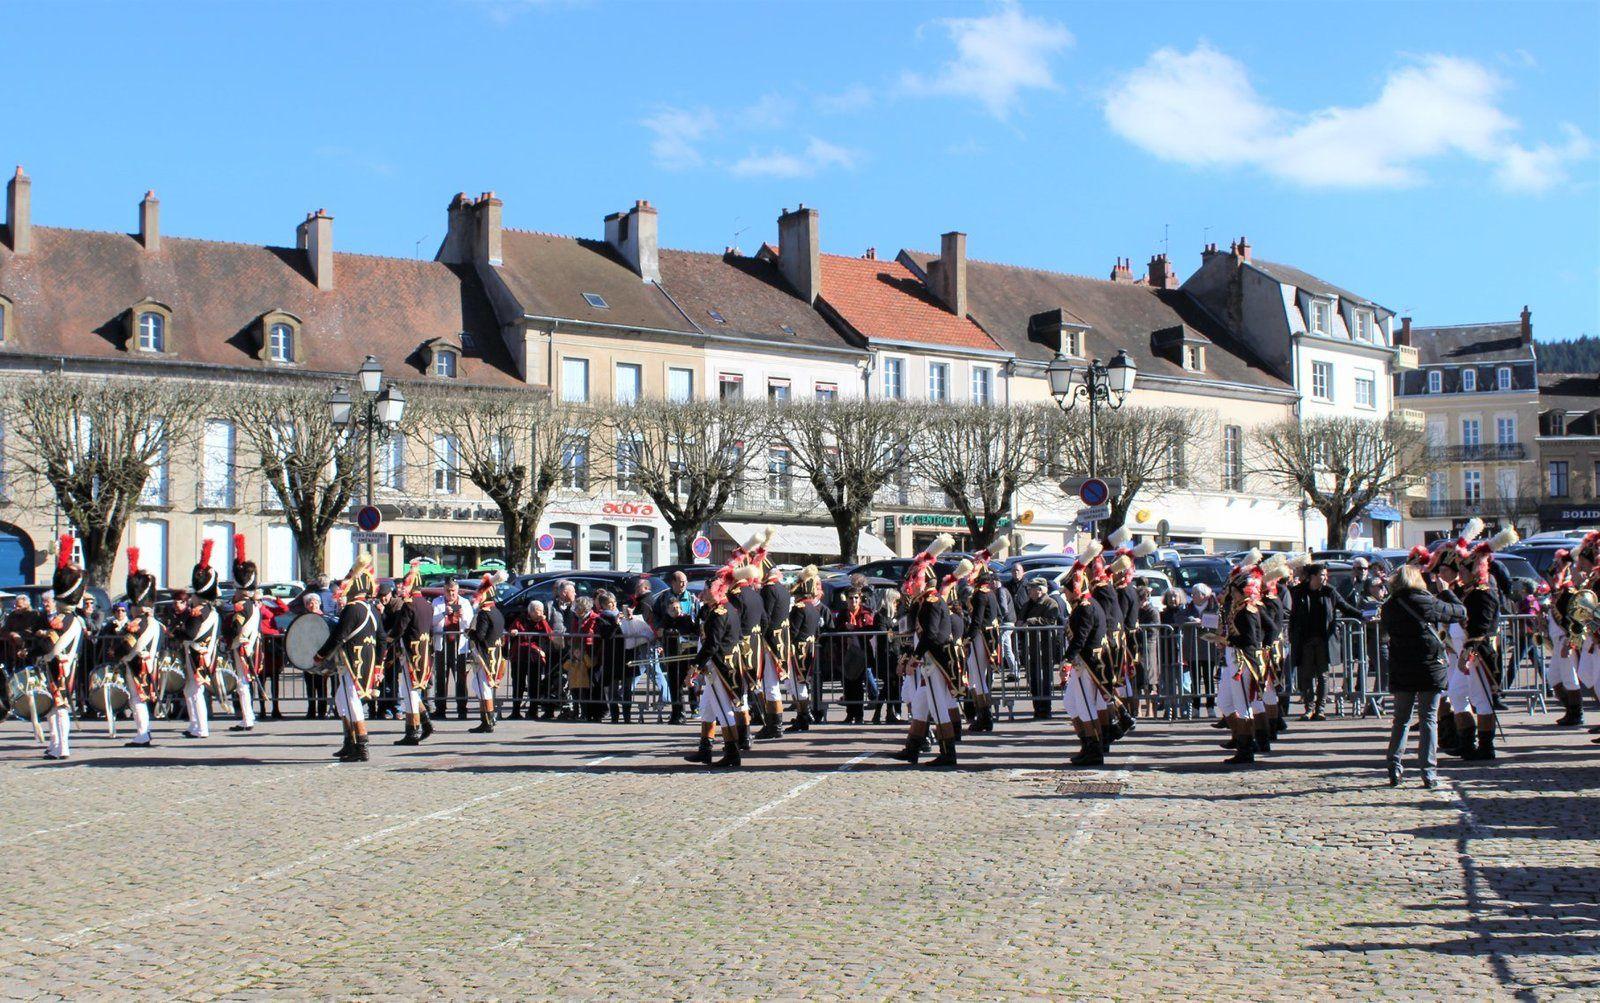 ¤¤¤ Quartier centre ville - Place du Champ de Mars 71400 Autun ¤¤¤